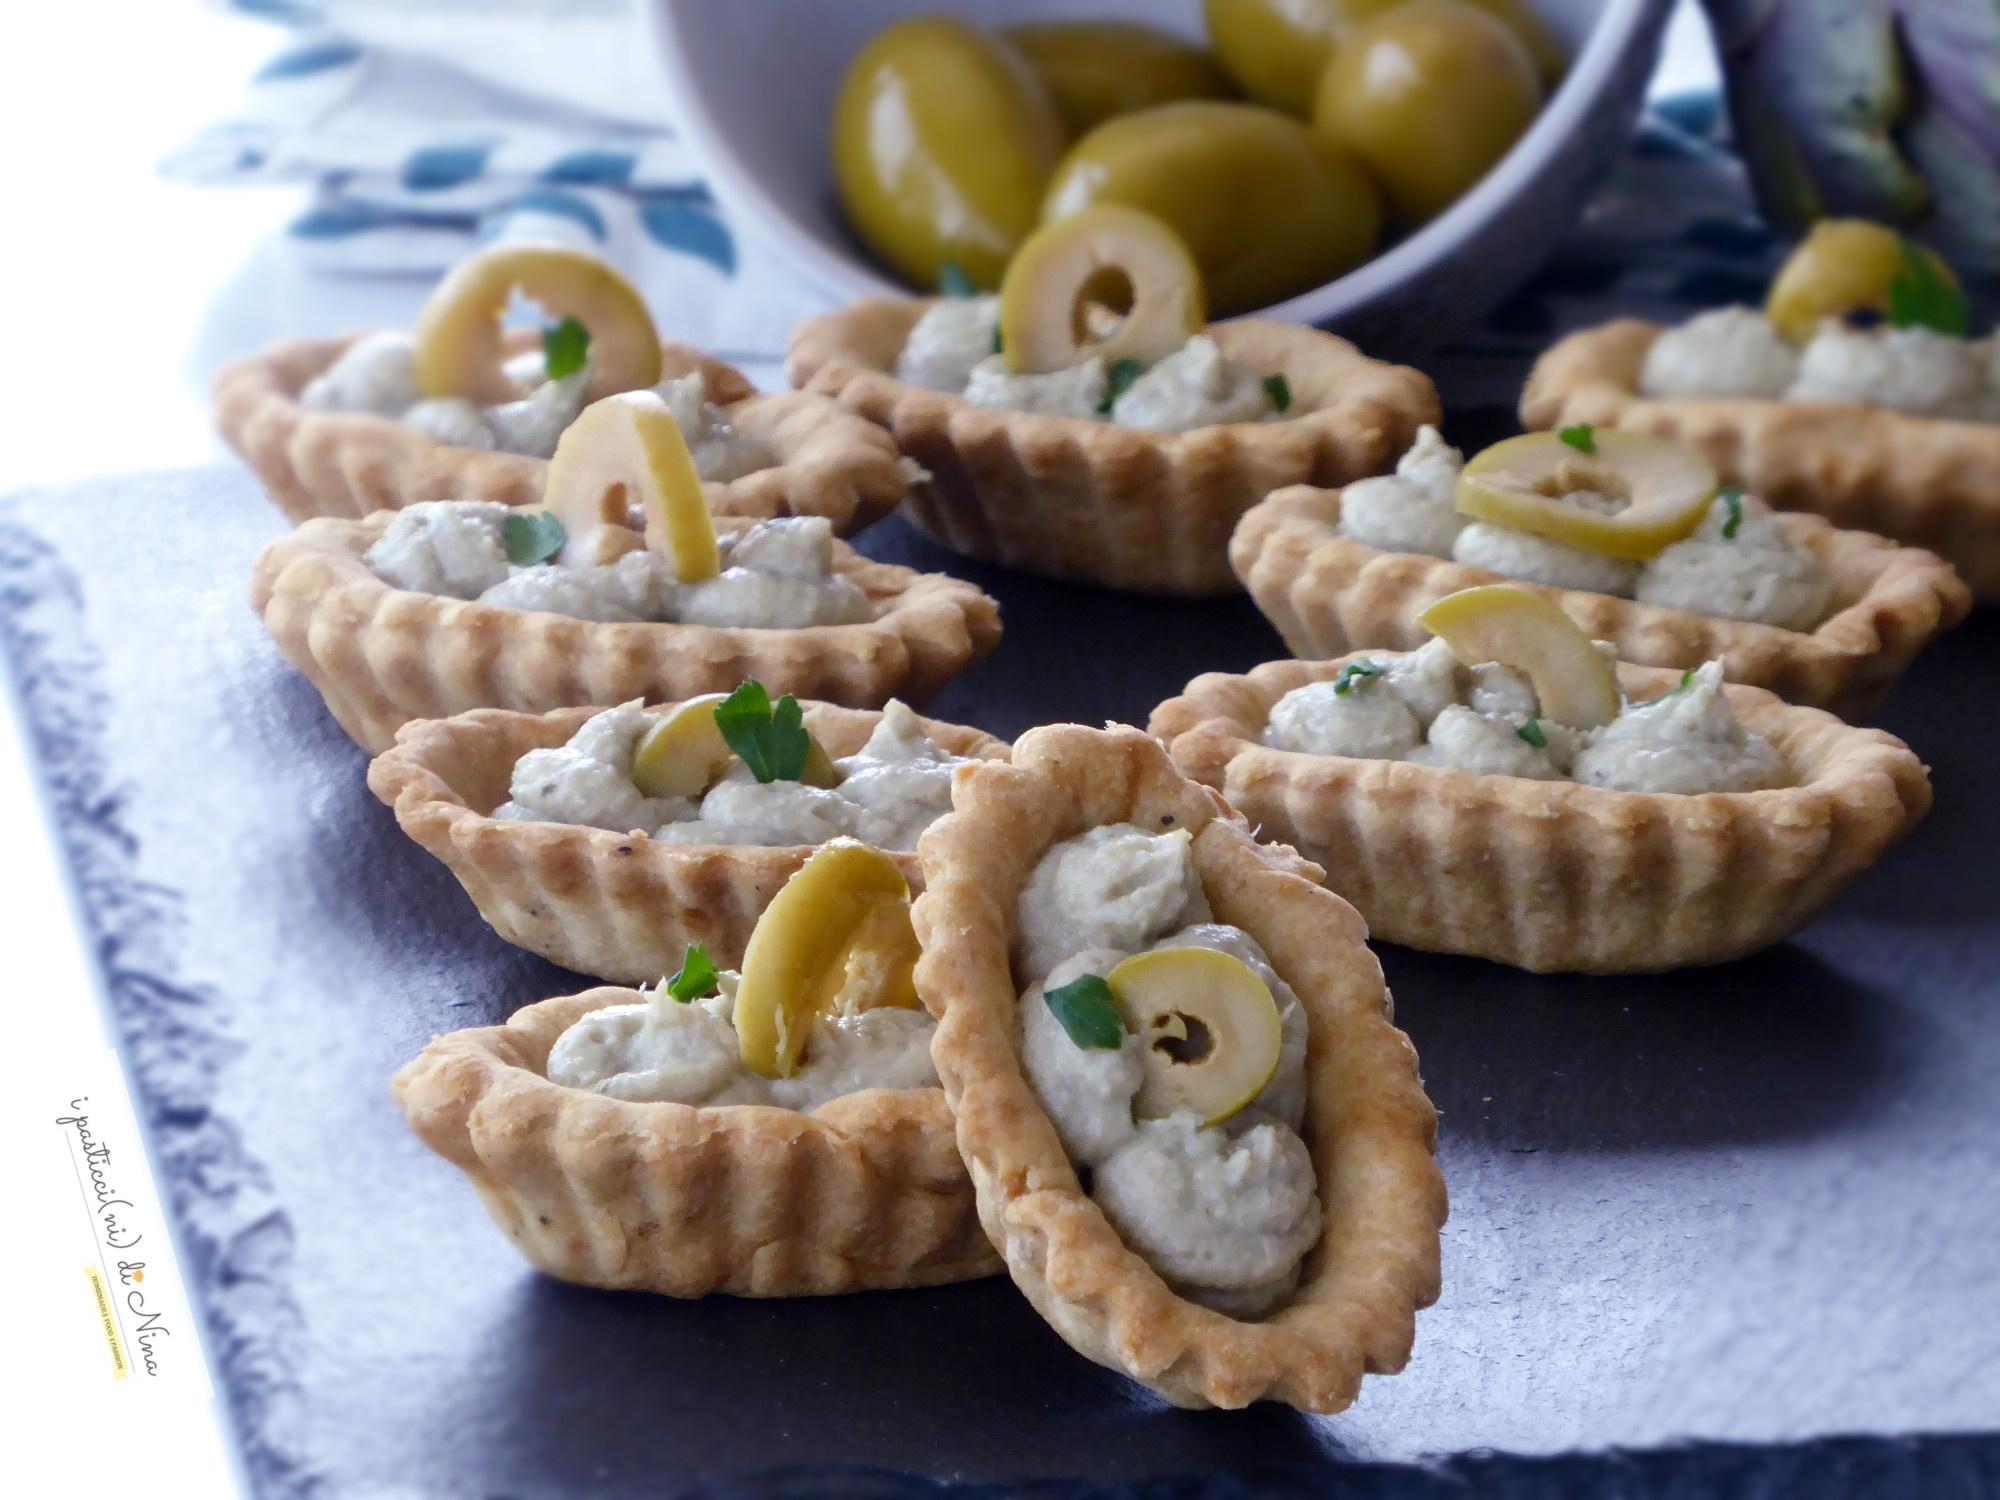 barchette con mousse di carciofi e olive verdi Ficacci